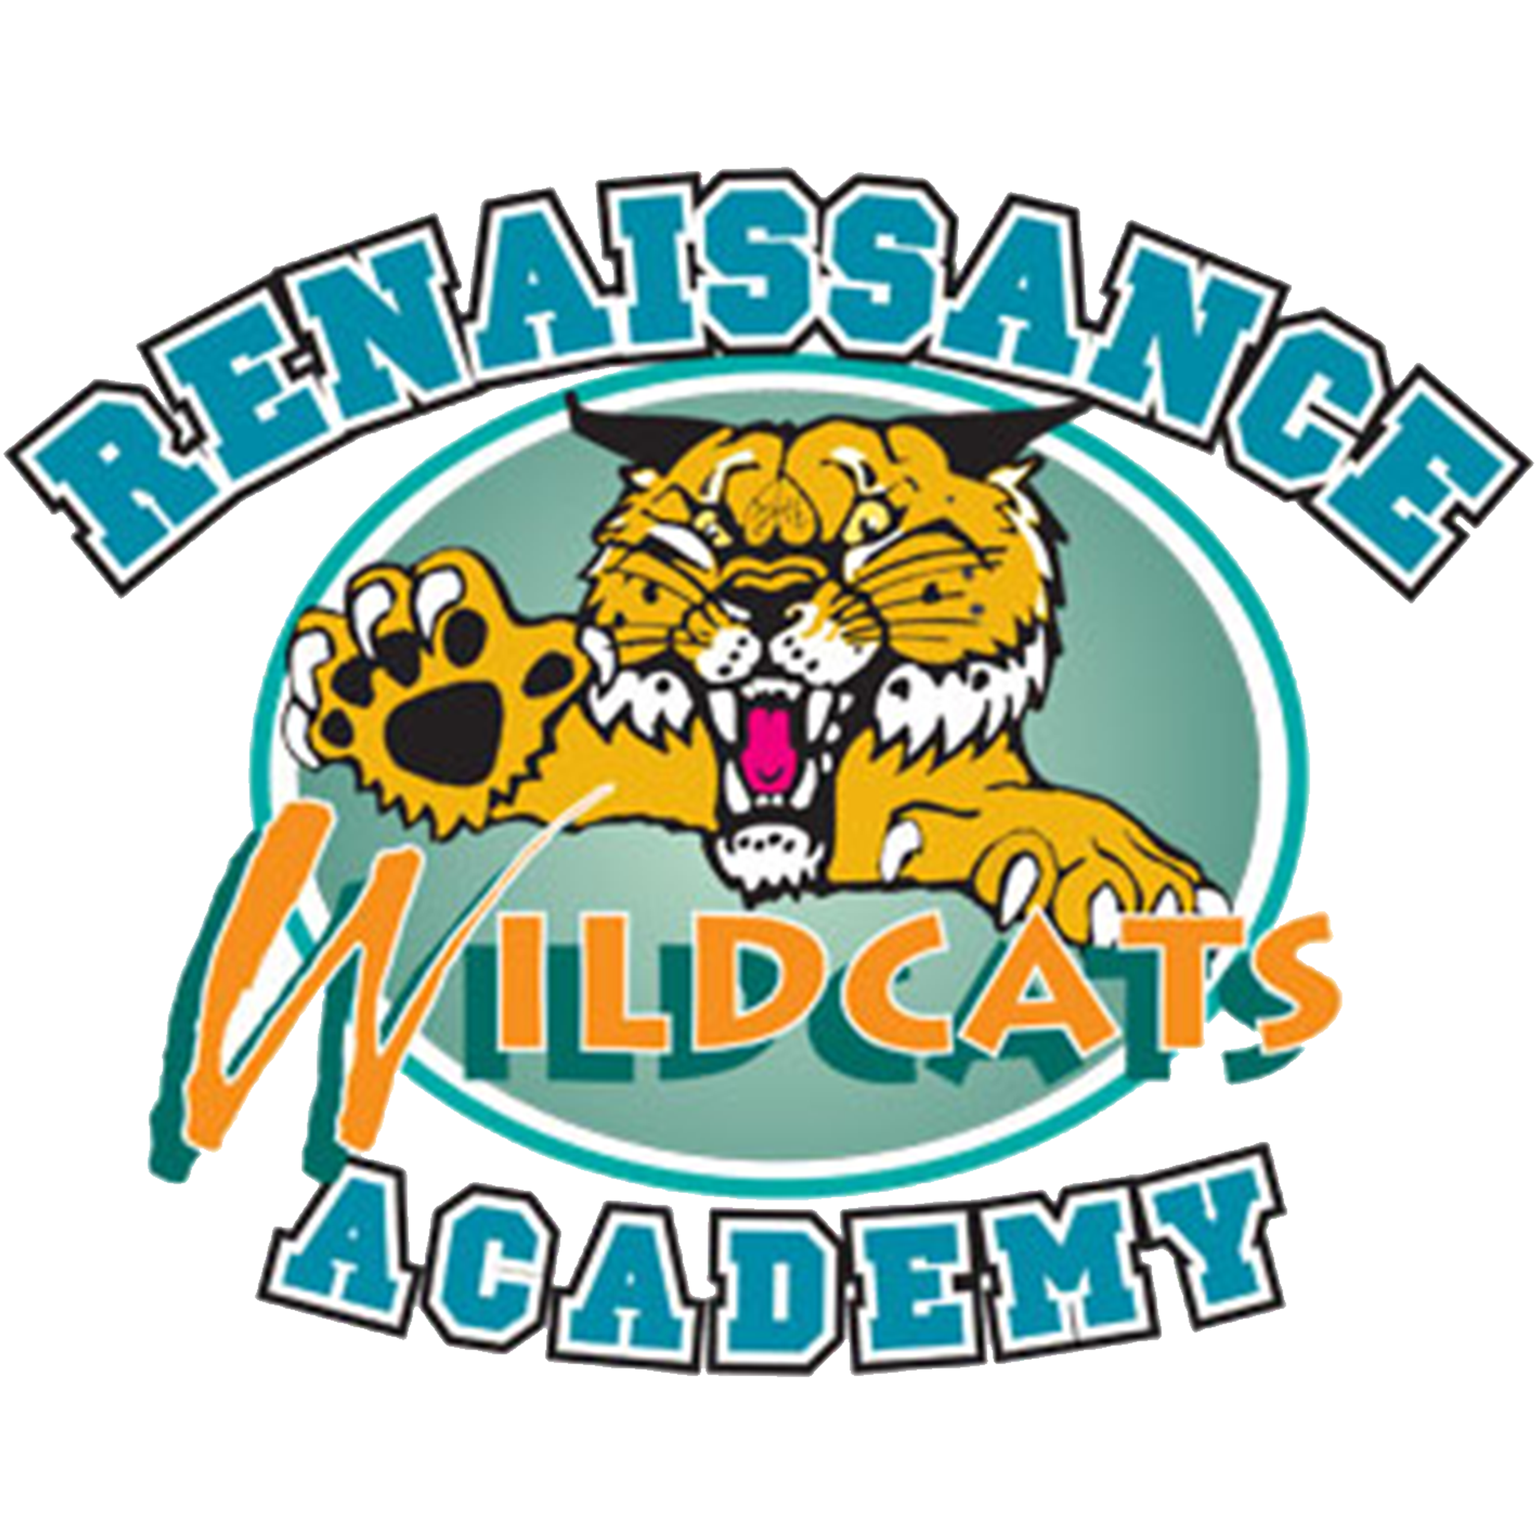 Renaissance Academy Wildcats